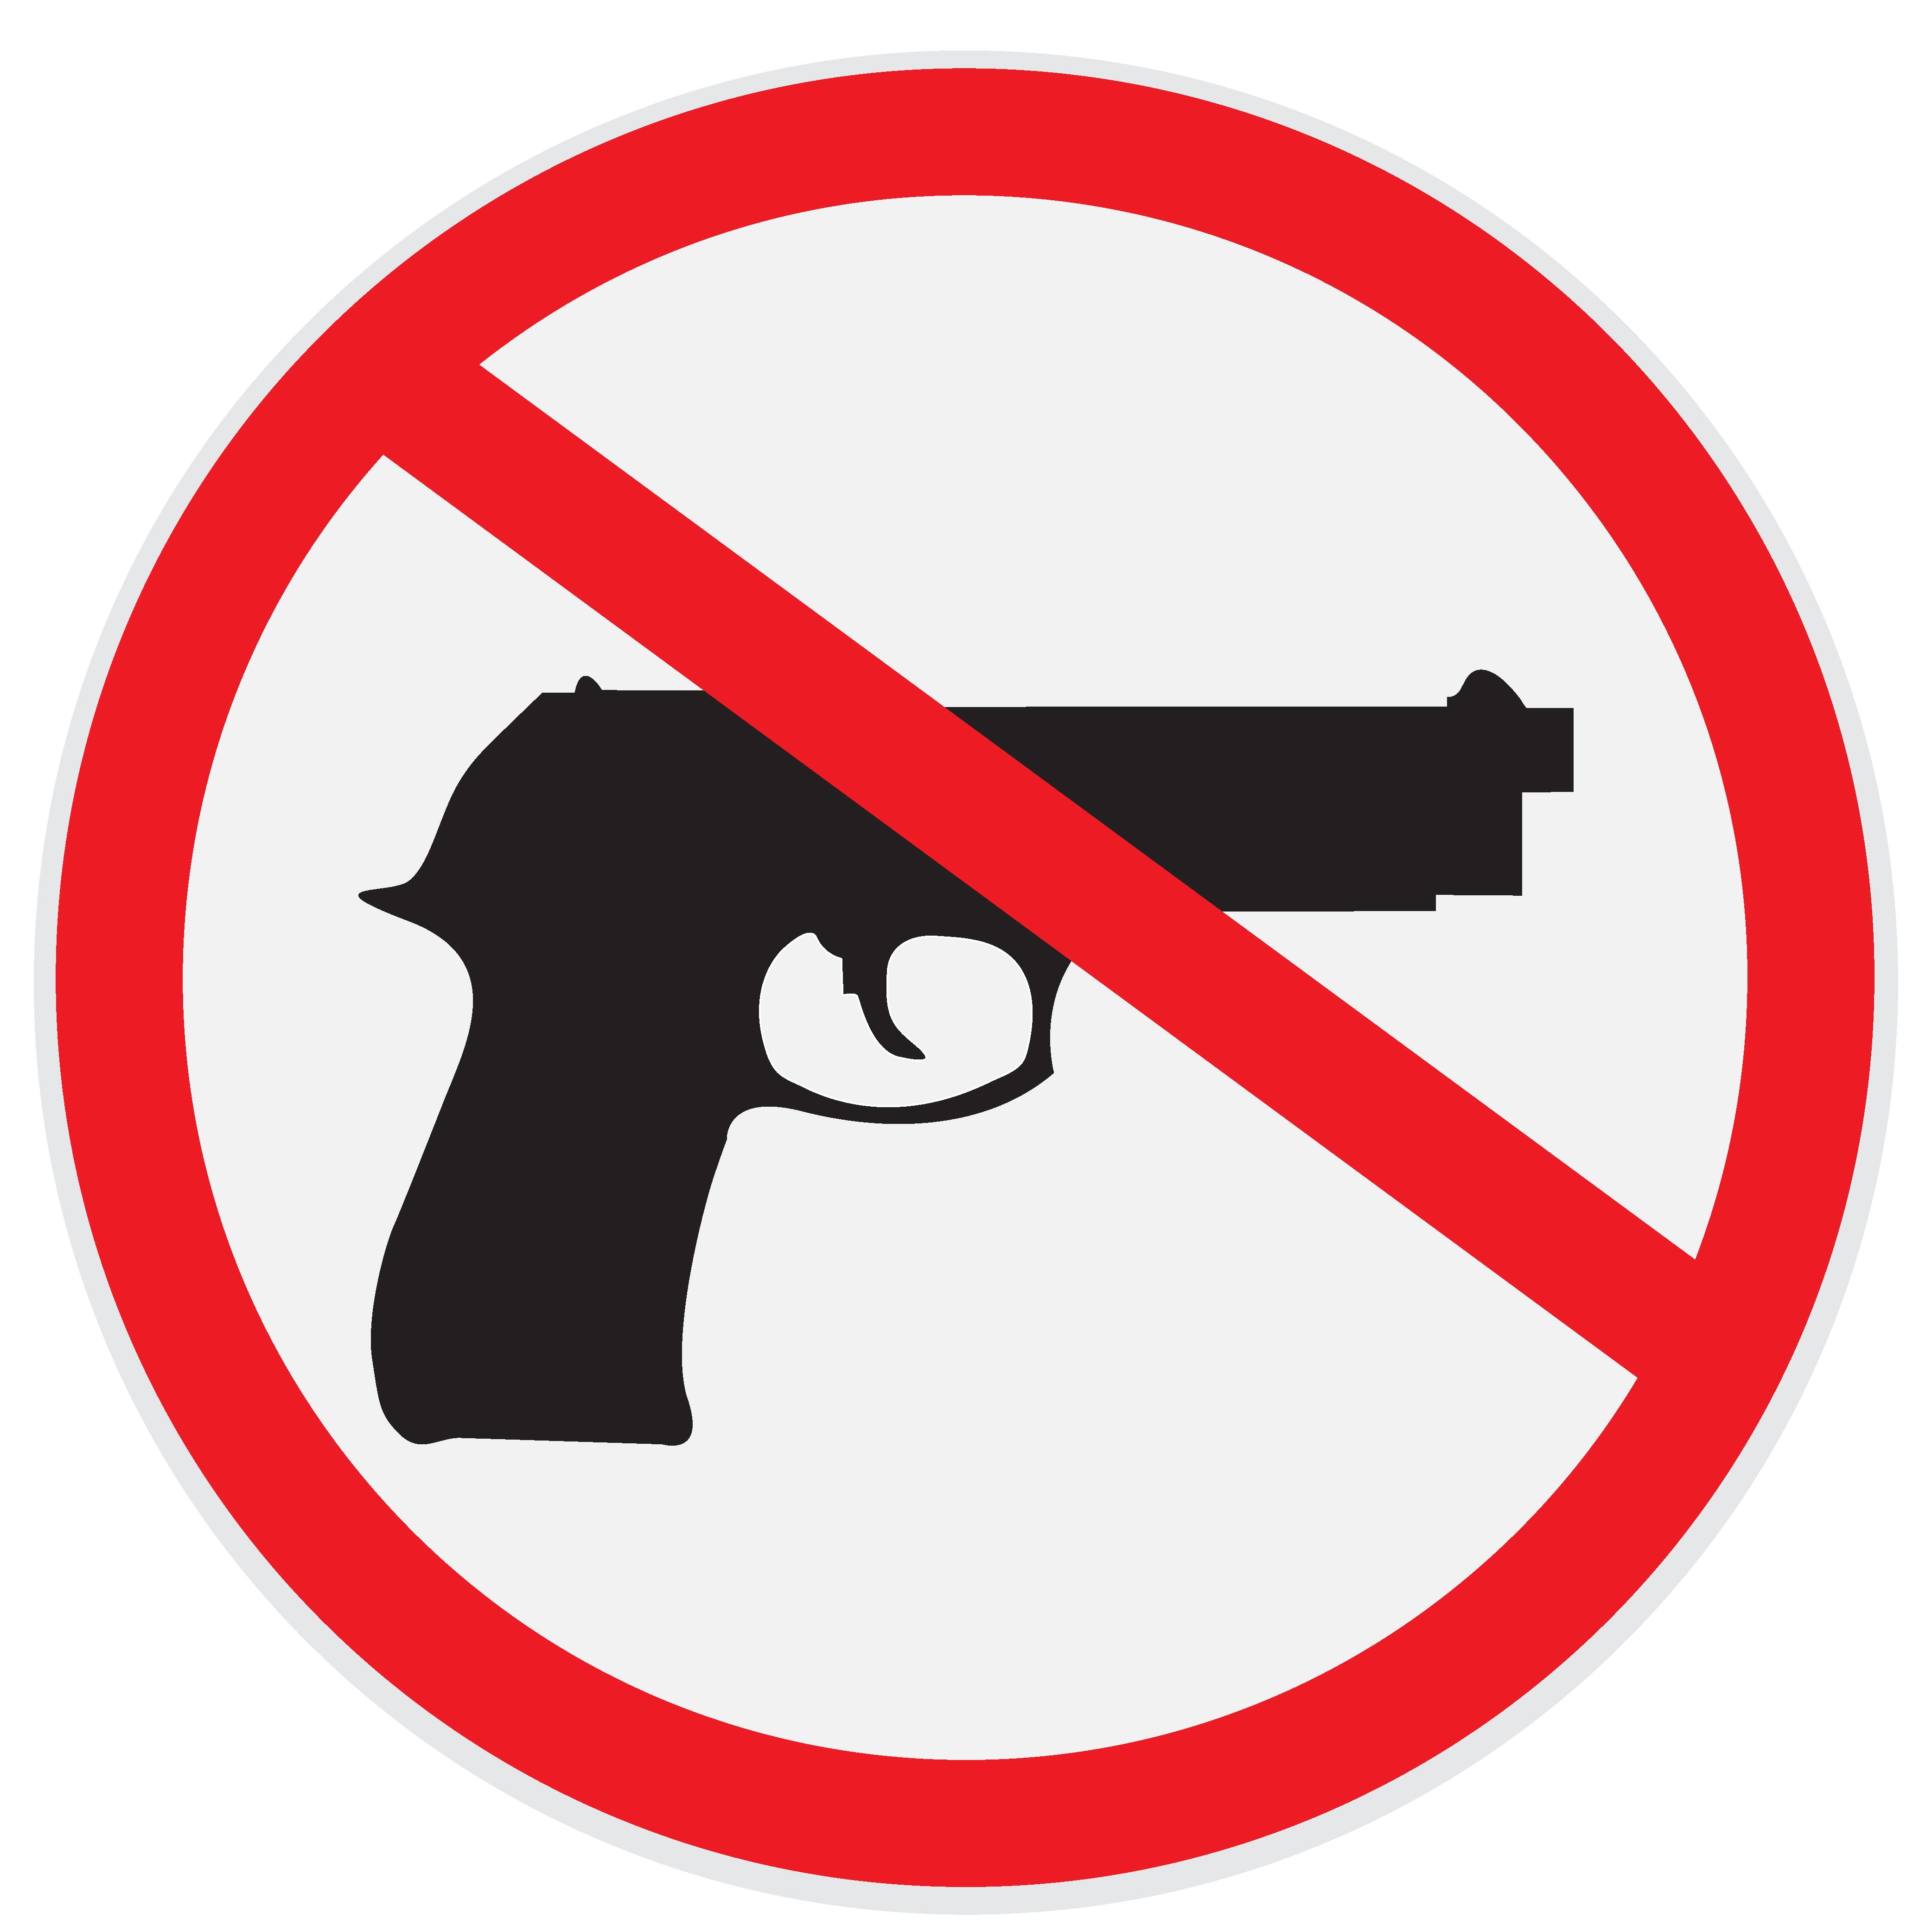 Gun Shot clipart gun violence A RN acquaintance old 1996